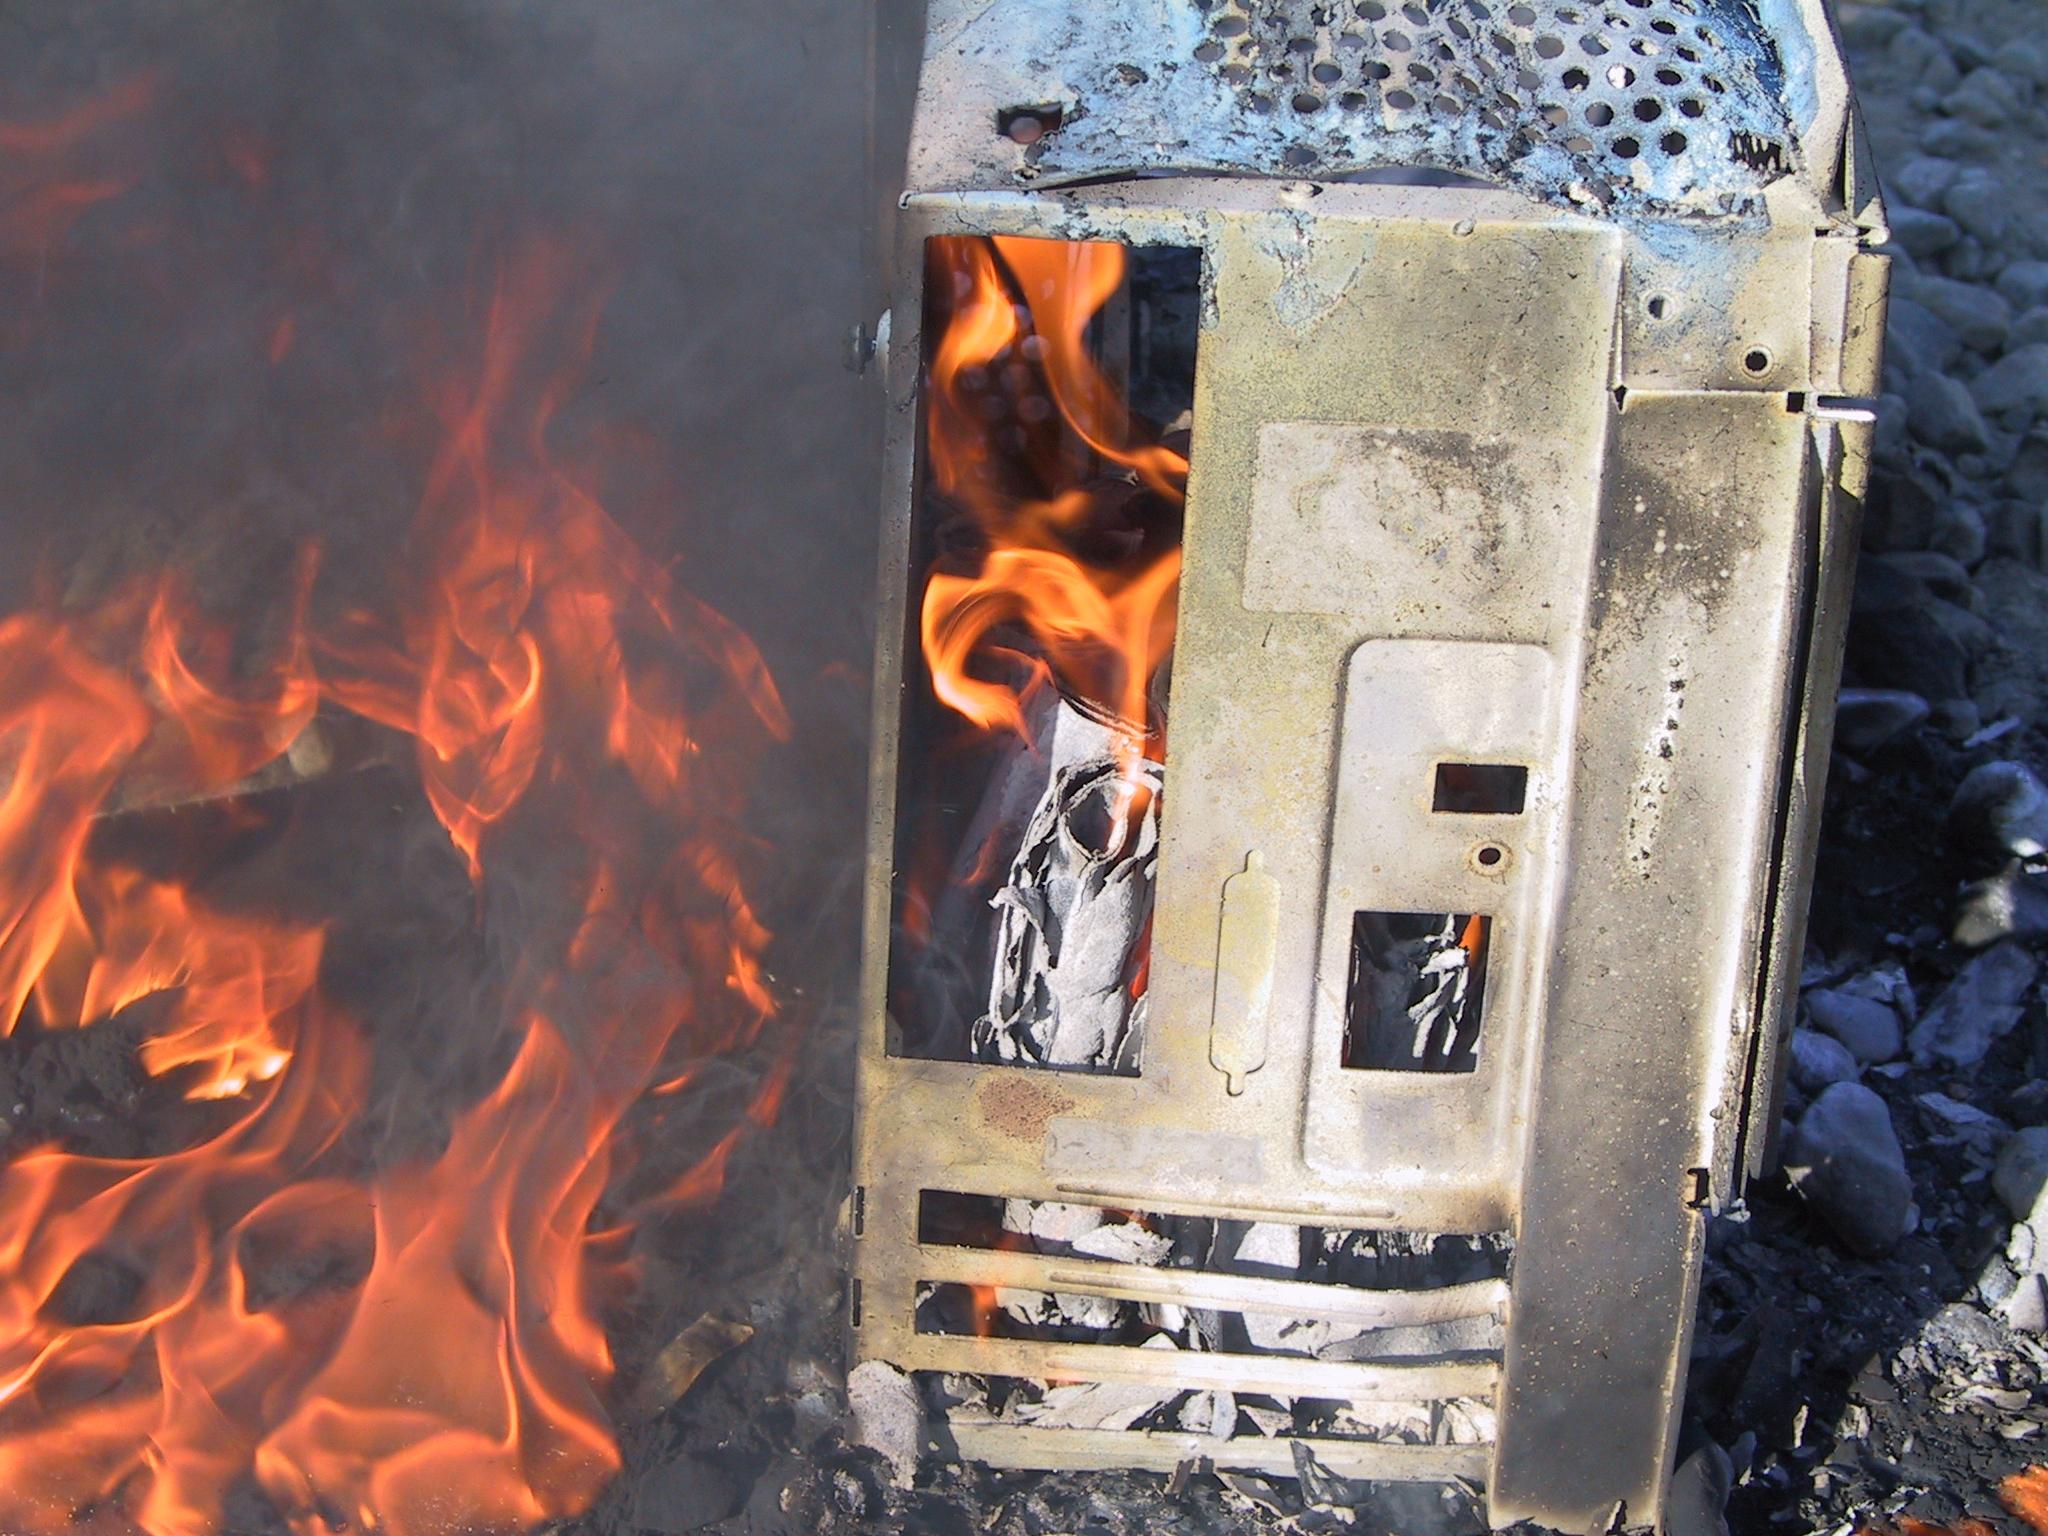 Exploding-Computer-04-15-05-048.jpg